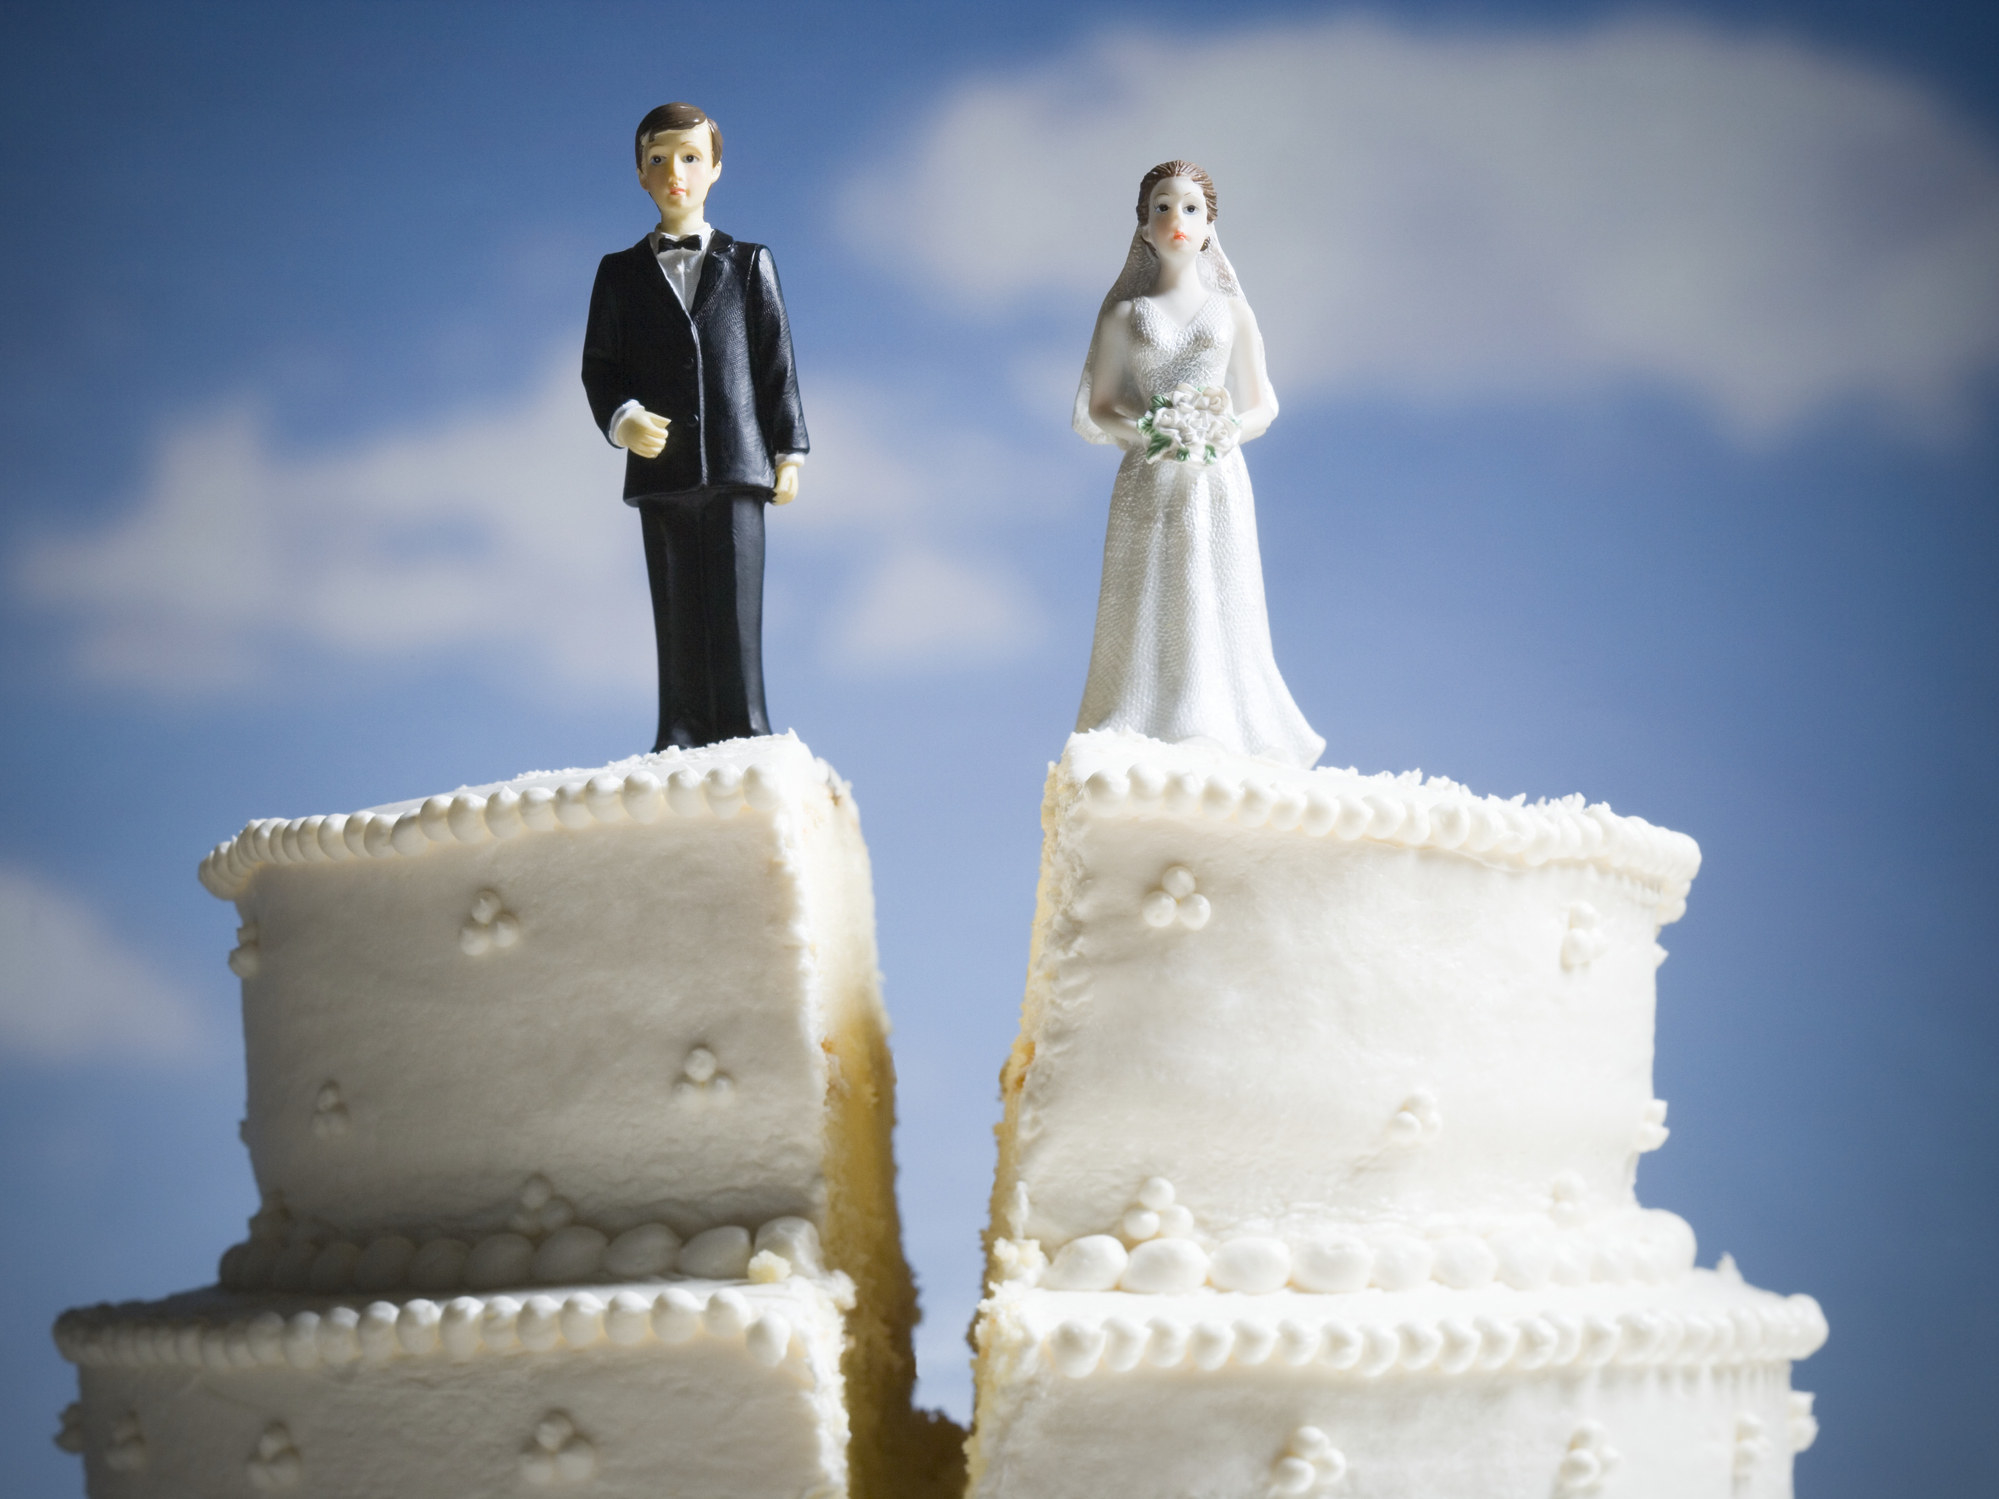 a wedding cake cut in half